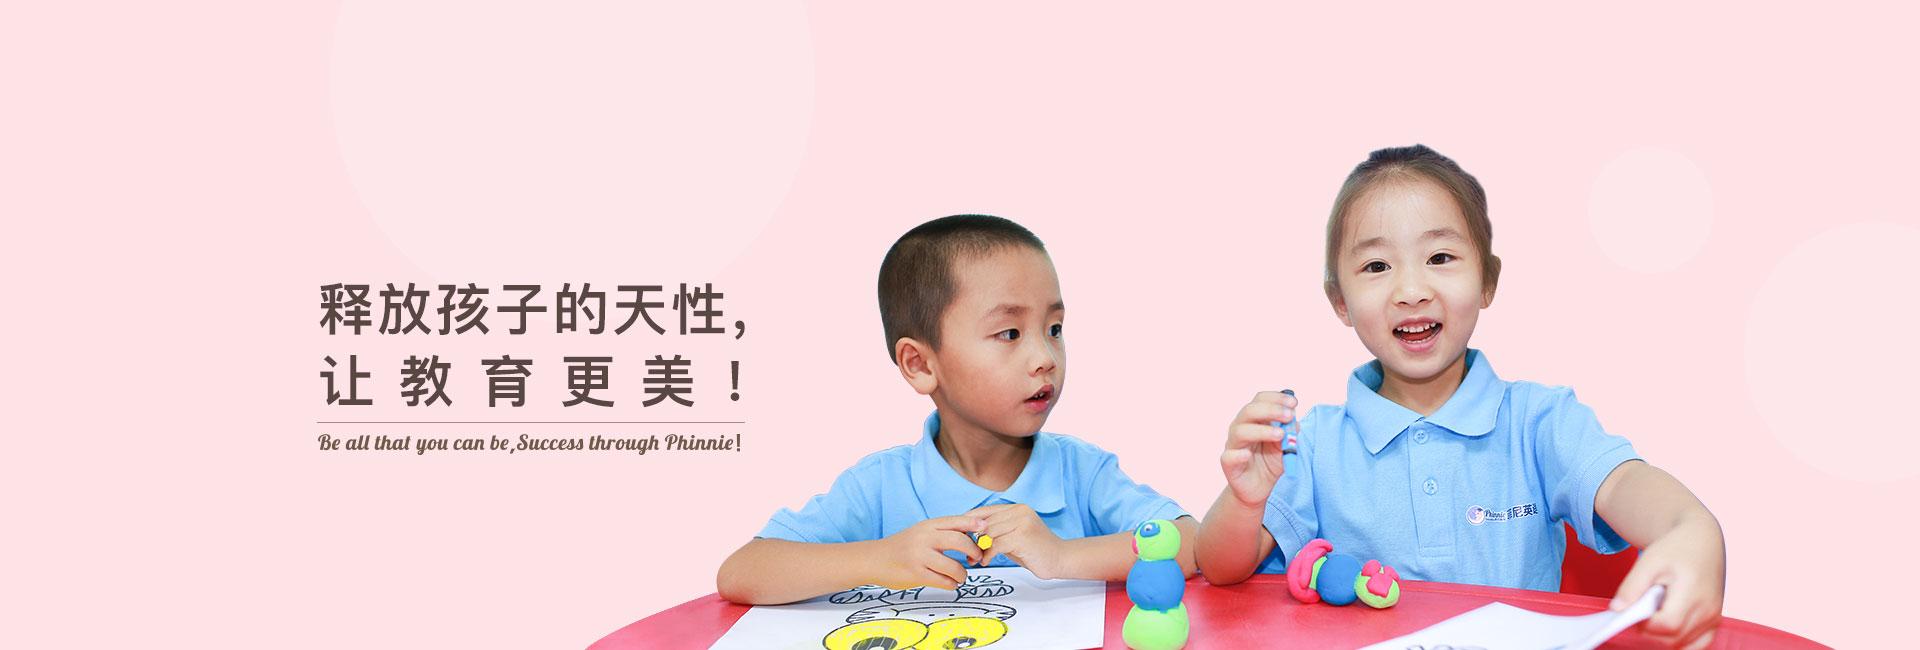 北京少儿英语培训学校